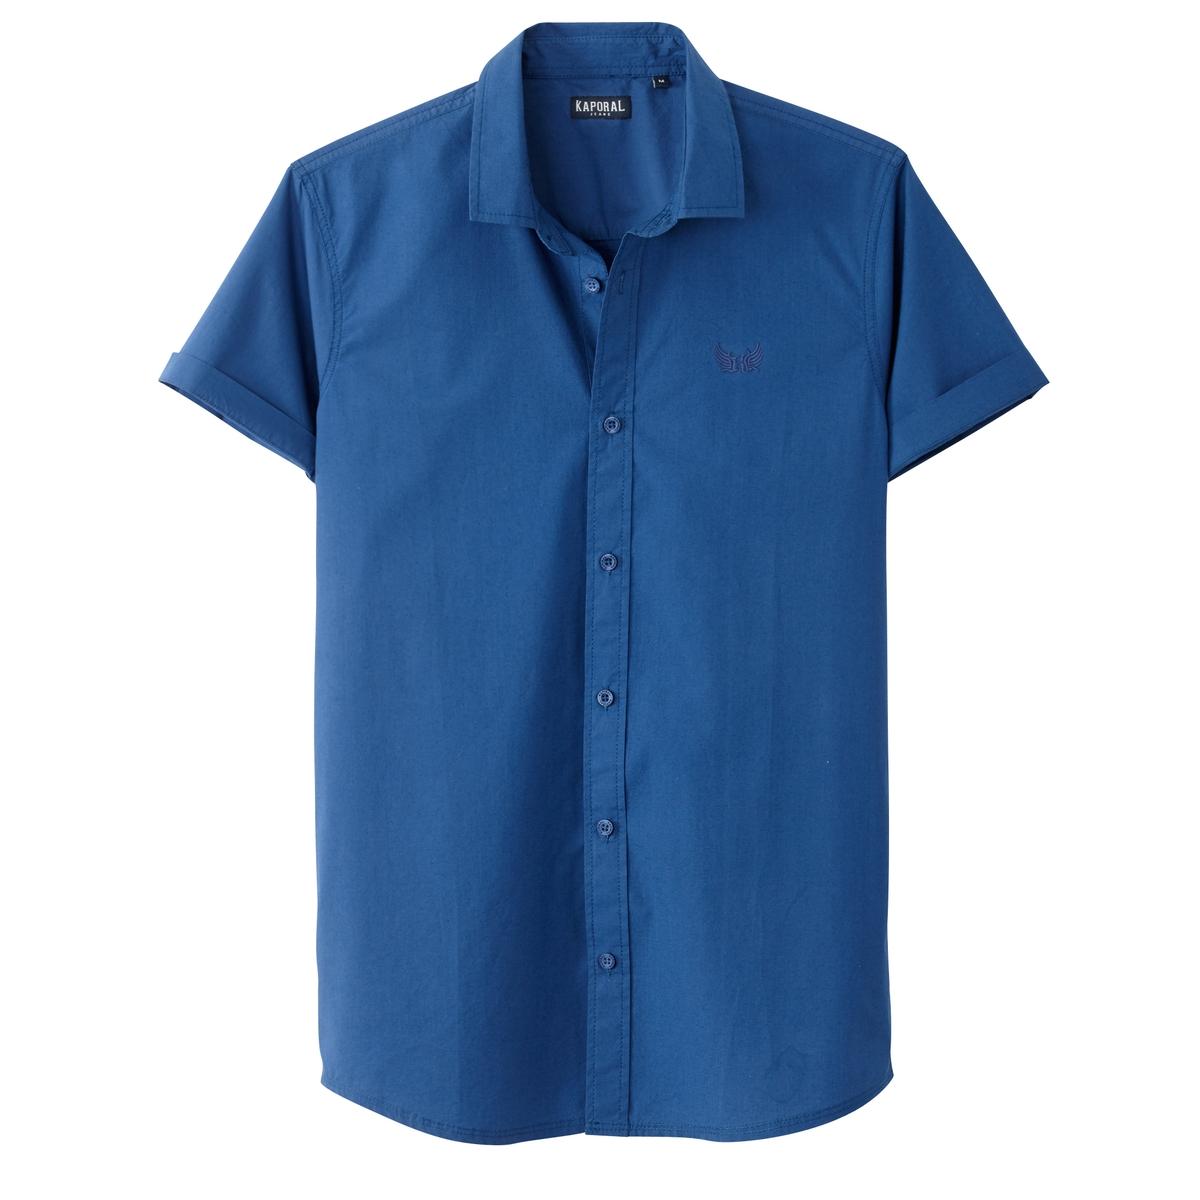 Блузка FYPБлузка с логотипом на груди.Состав и описание :Материал         100% хлопокМарка         KAPORALУход :Машинная стирка при 30 °С с вещами схожих цветовСтирать и гладить с изнаночной стороныГладить при умеренной температуре<br><br>Цвет: темно-синий<br>Размер: M